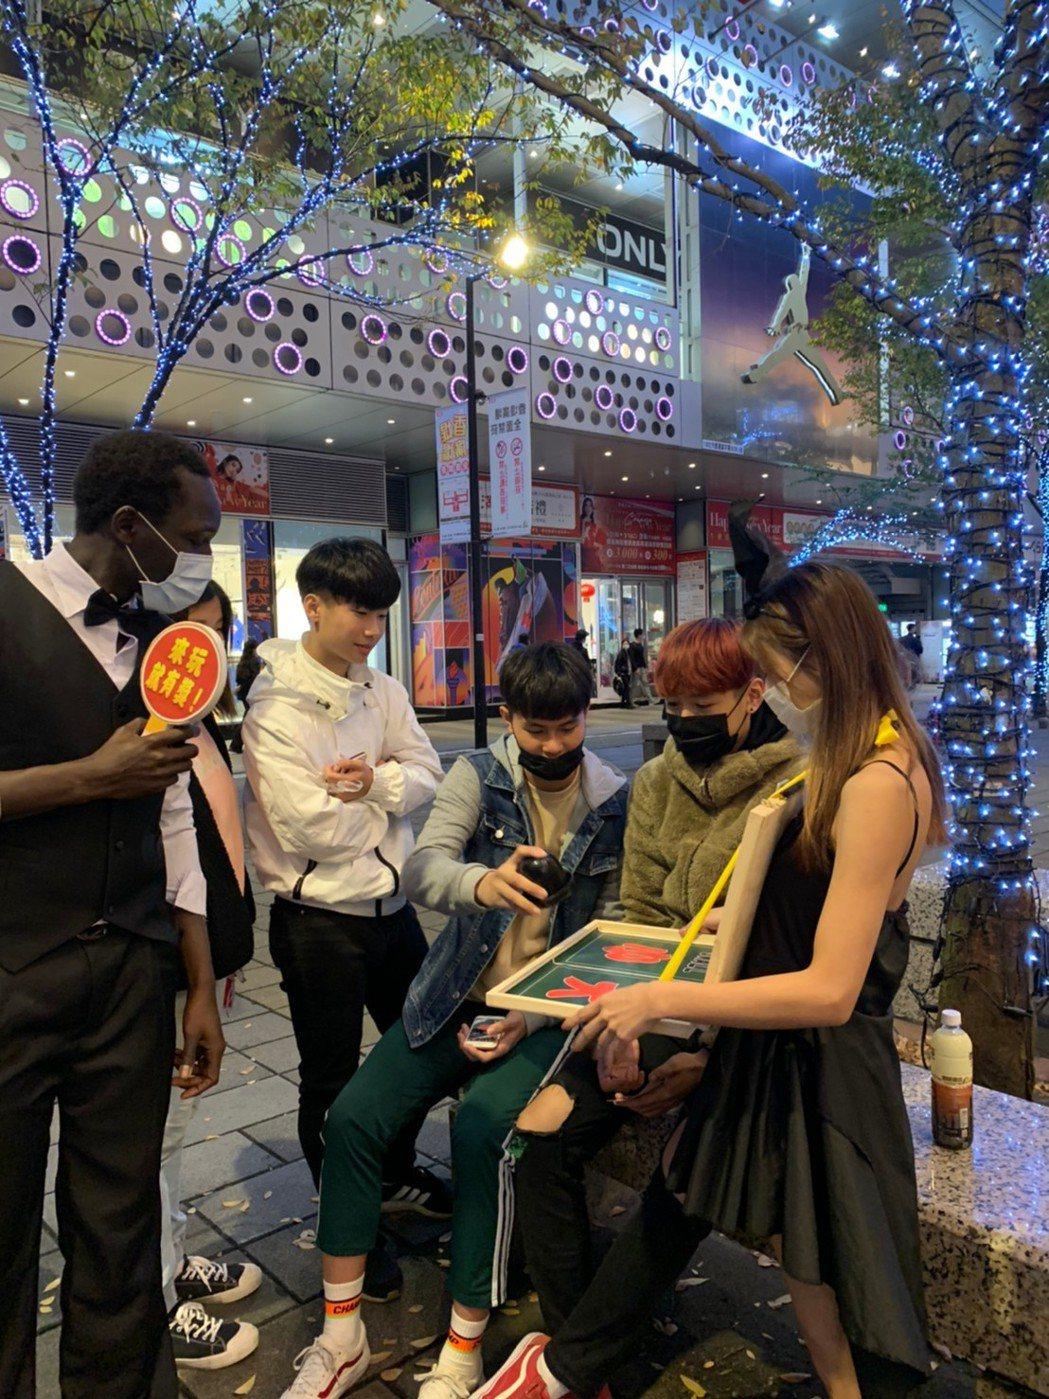 手遊業者更在新春時段推出「玩遊戲送購屋金」的活動。老子有錢Online/提供